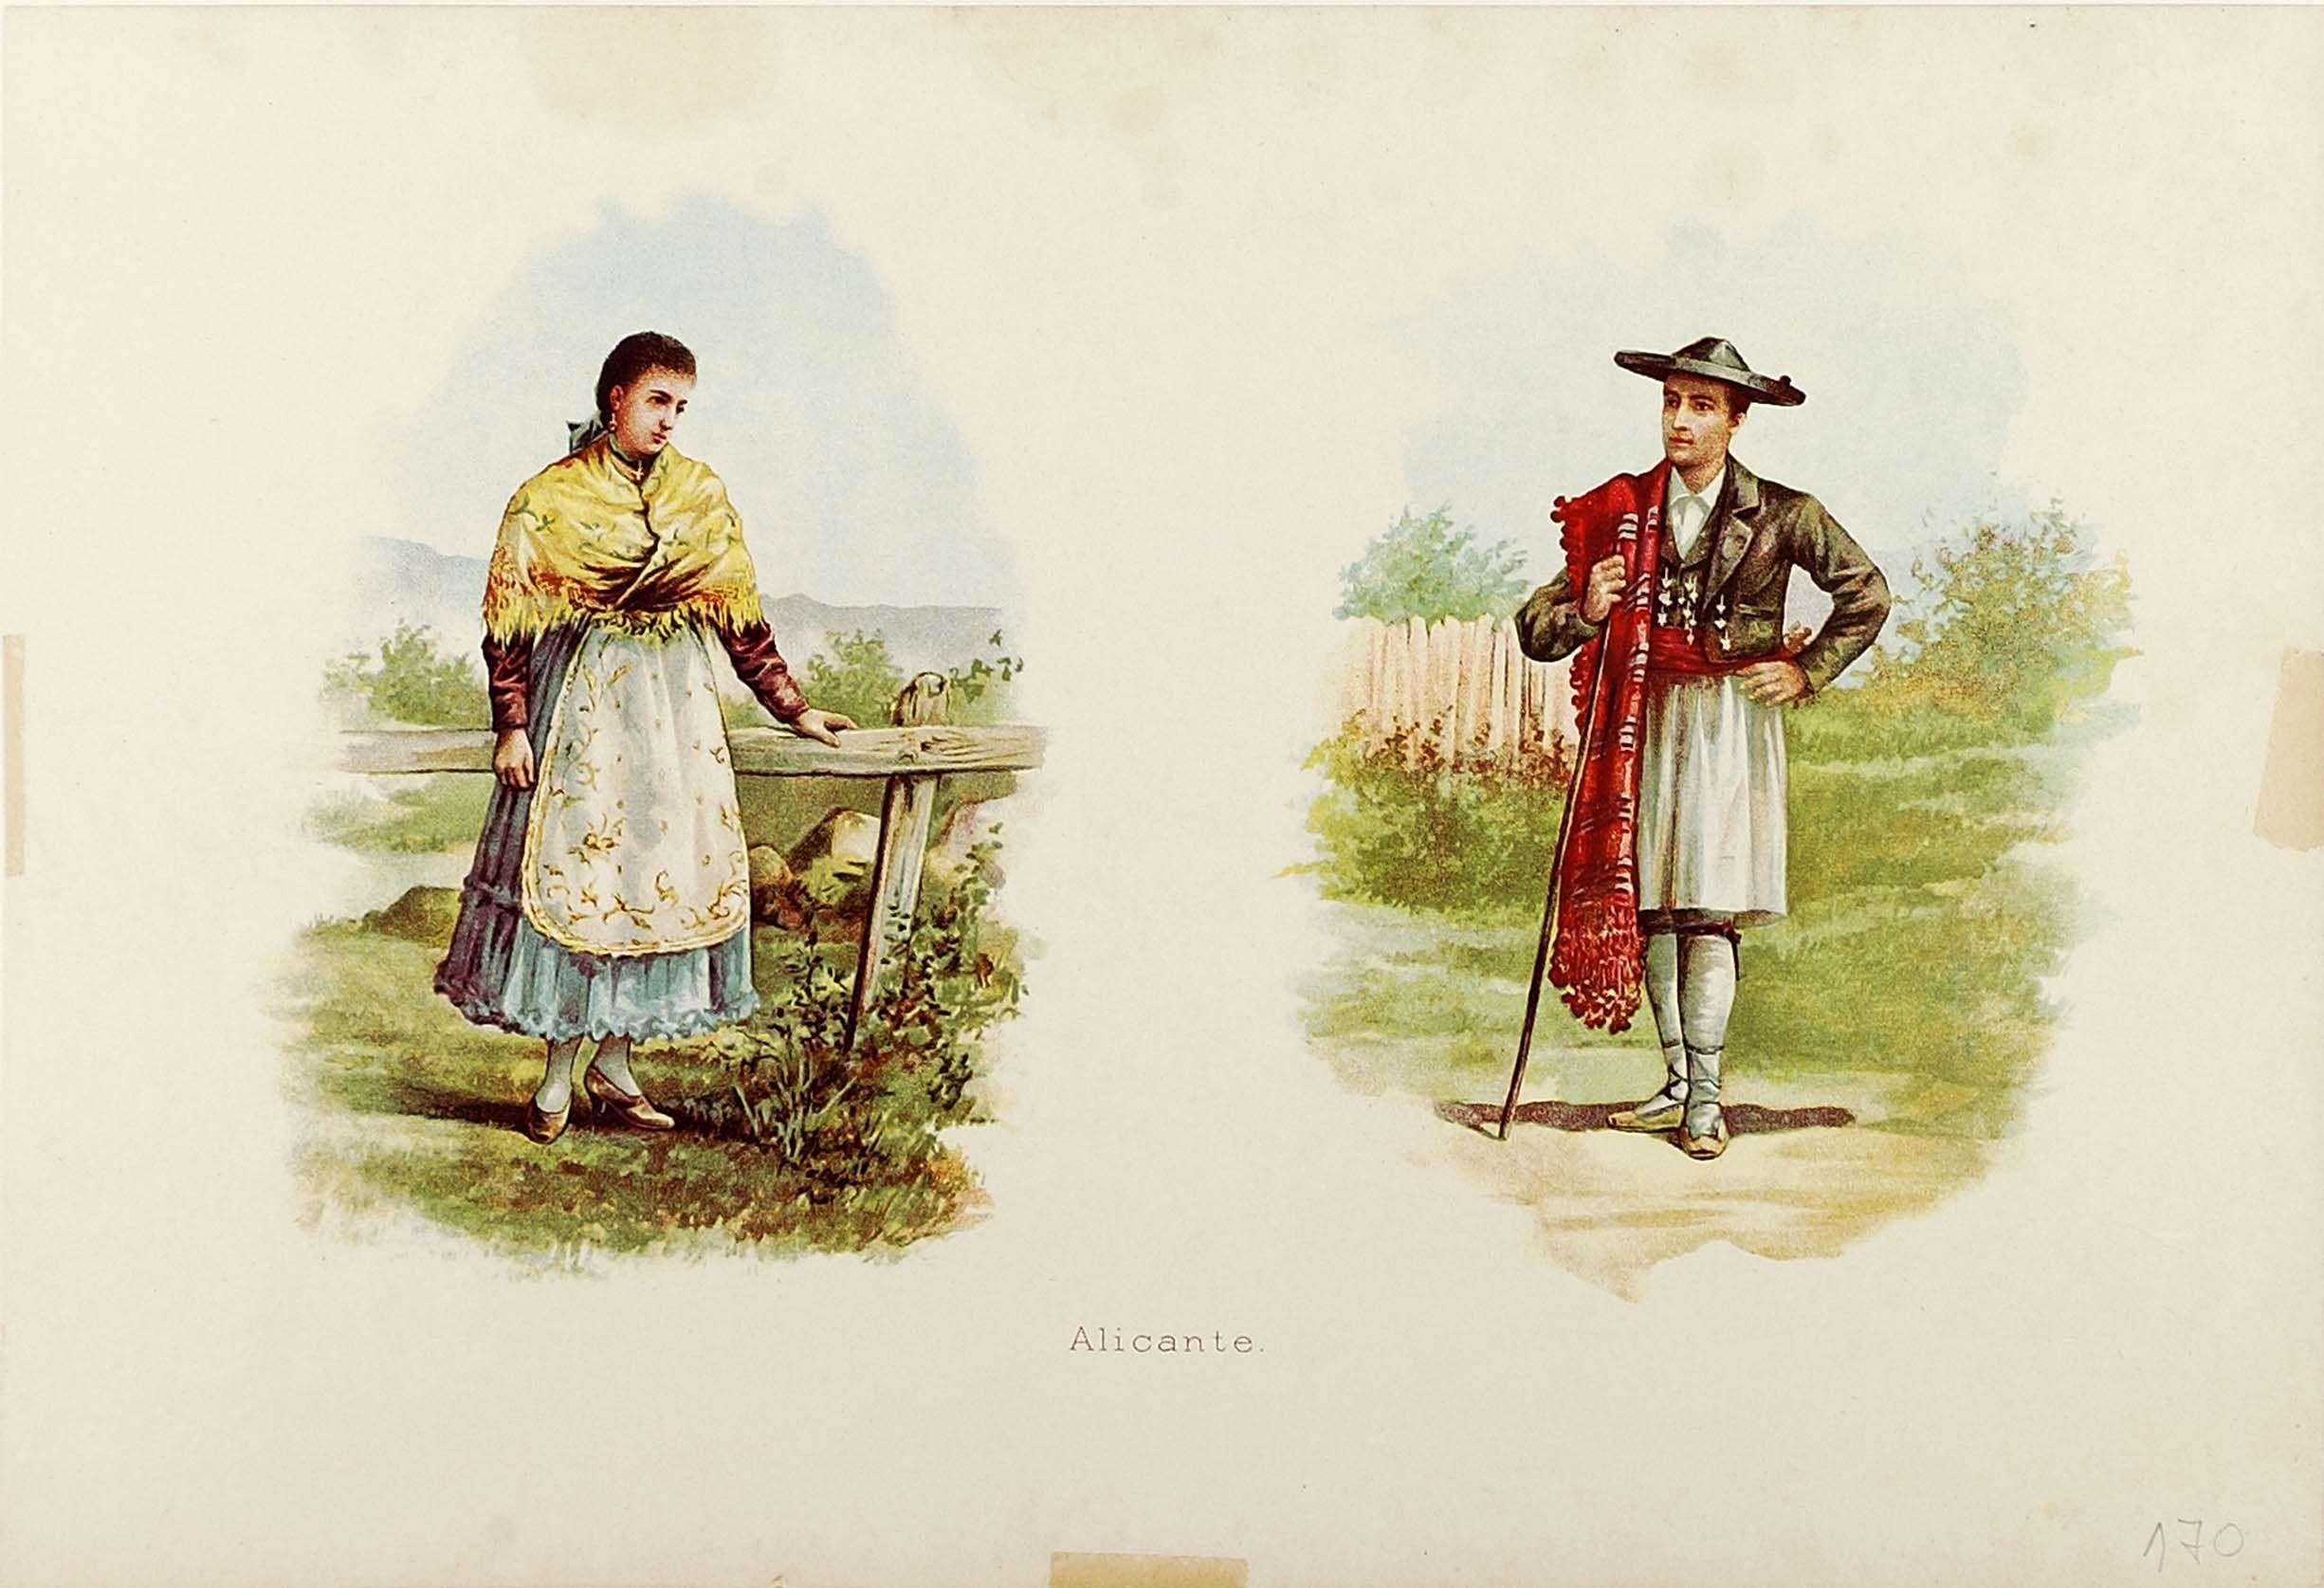 Litografía a color. Dona i home amb vestit tradicional alacantí (entre 1801-1900)